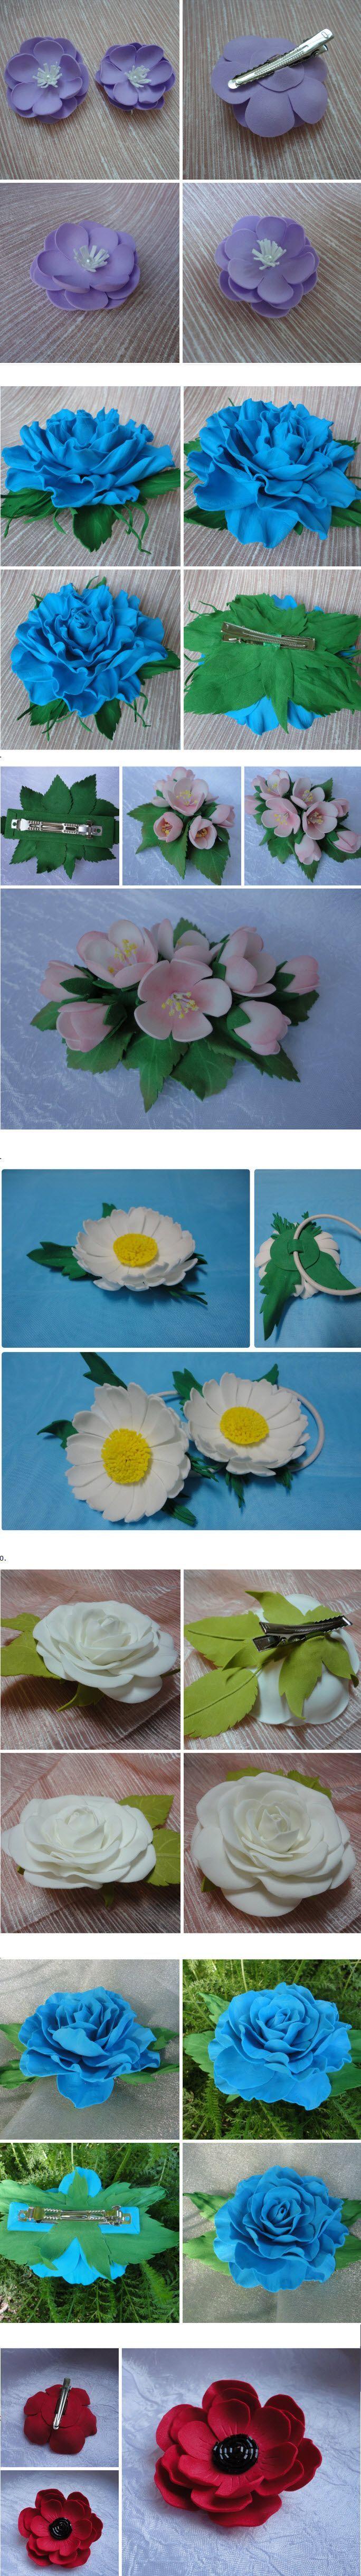 цветы из фоамирана - мастер классы с фото и видео